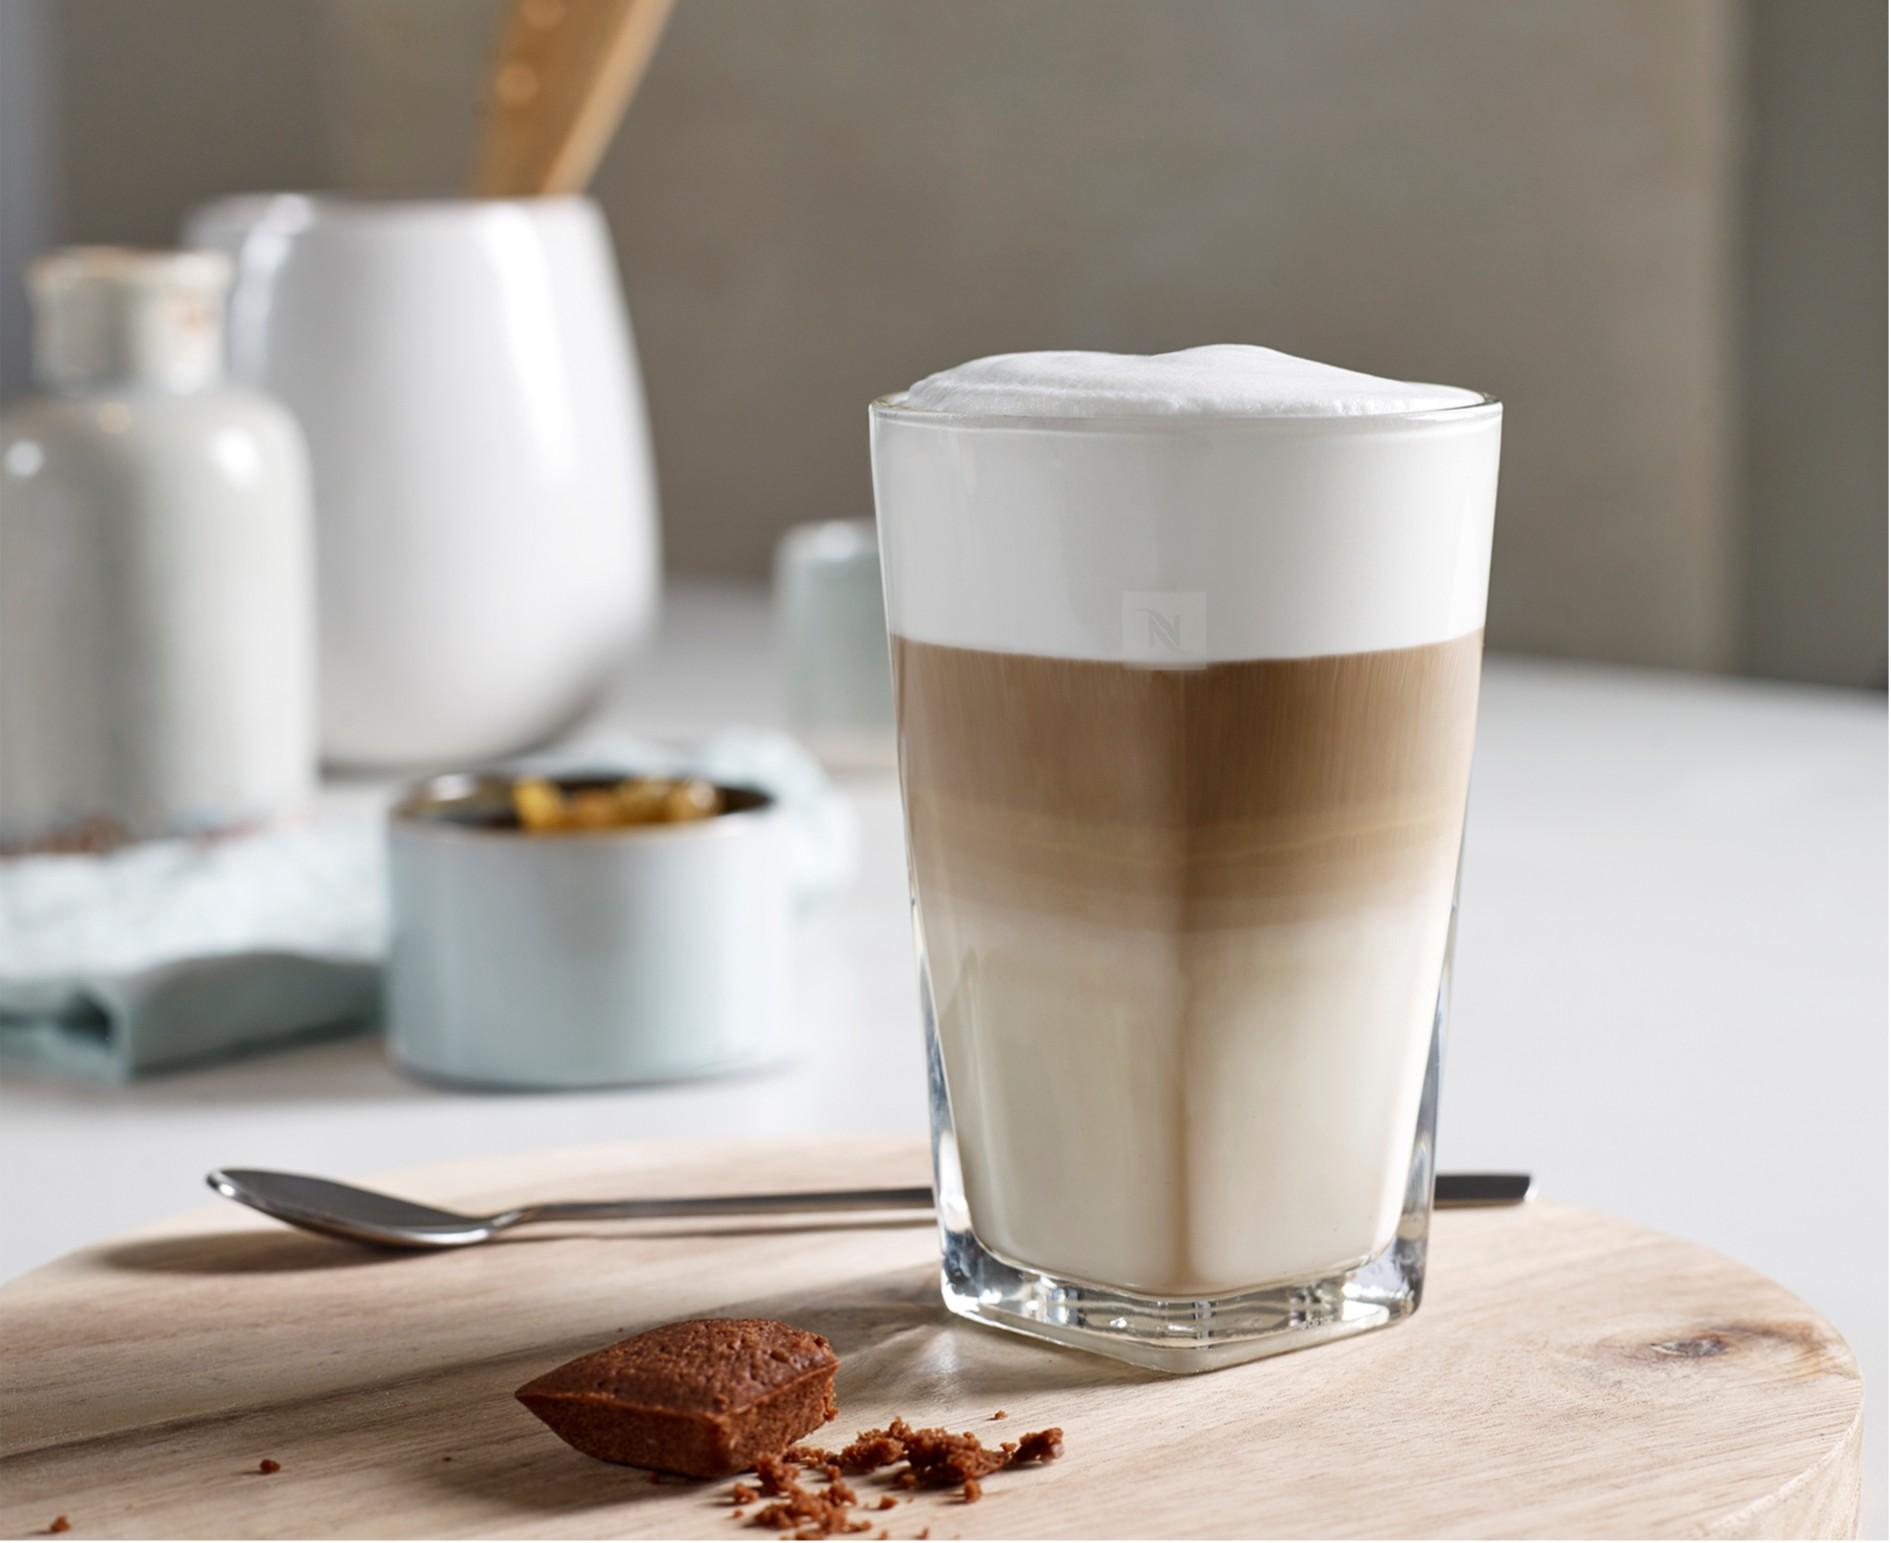 Lượng cafein trong Latte rất ít phù hợp cho trẻ nhỏ.